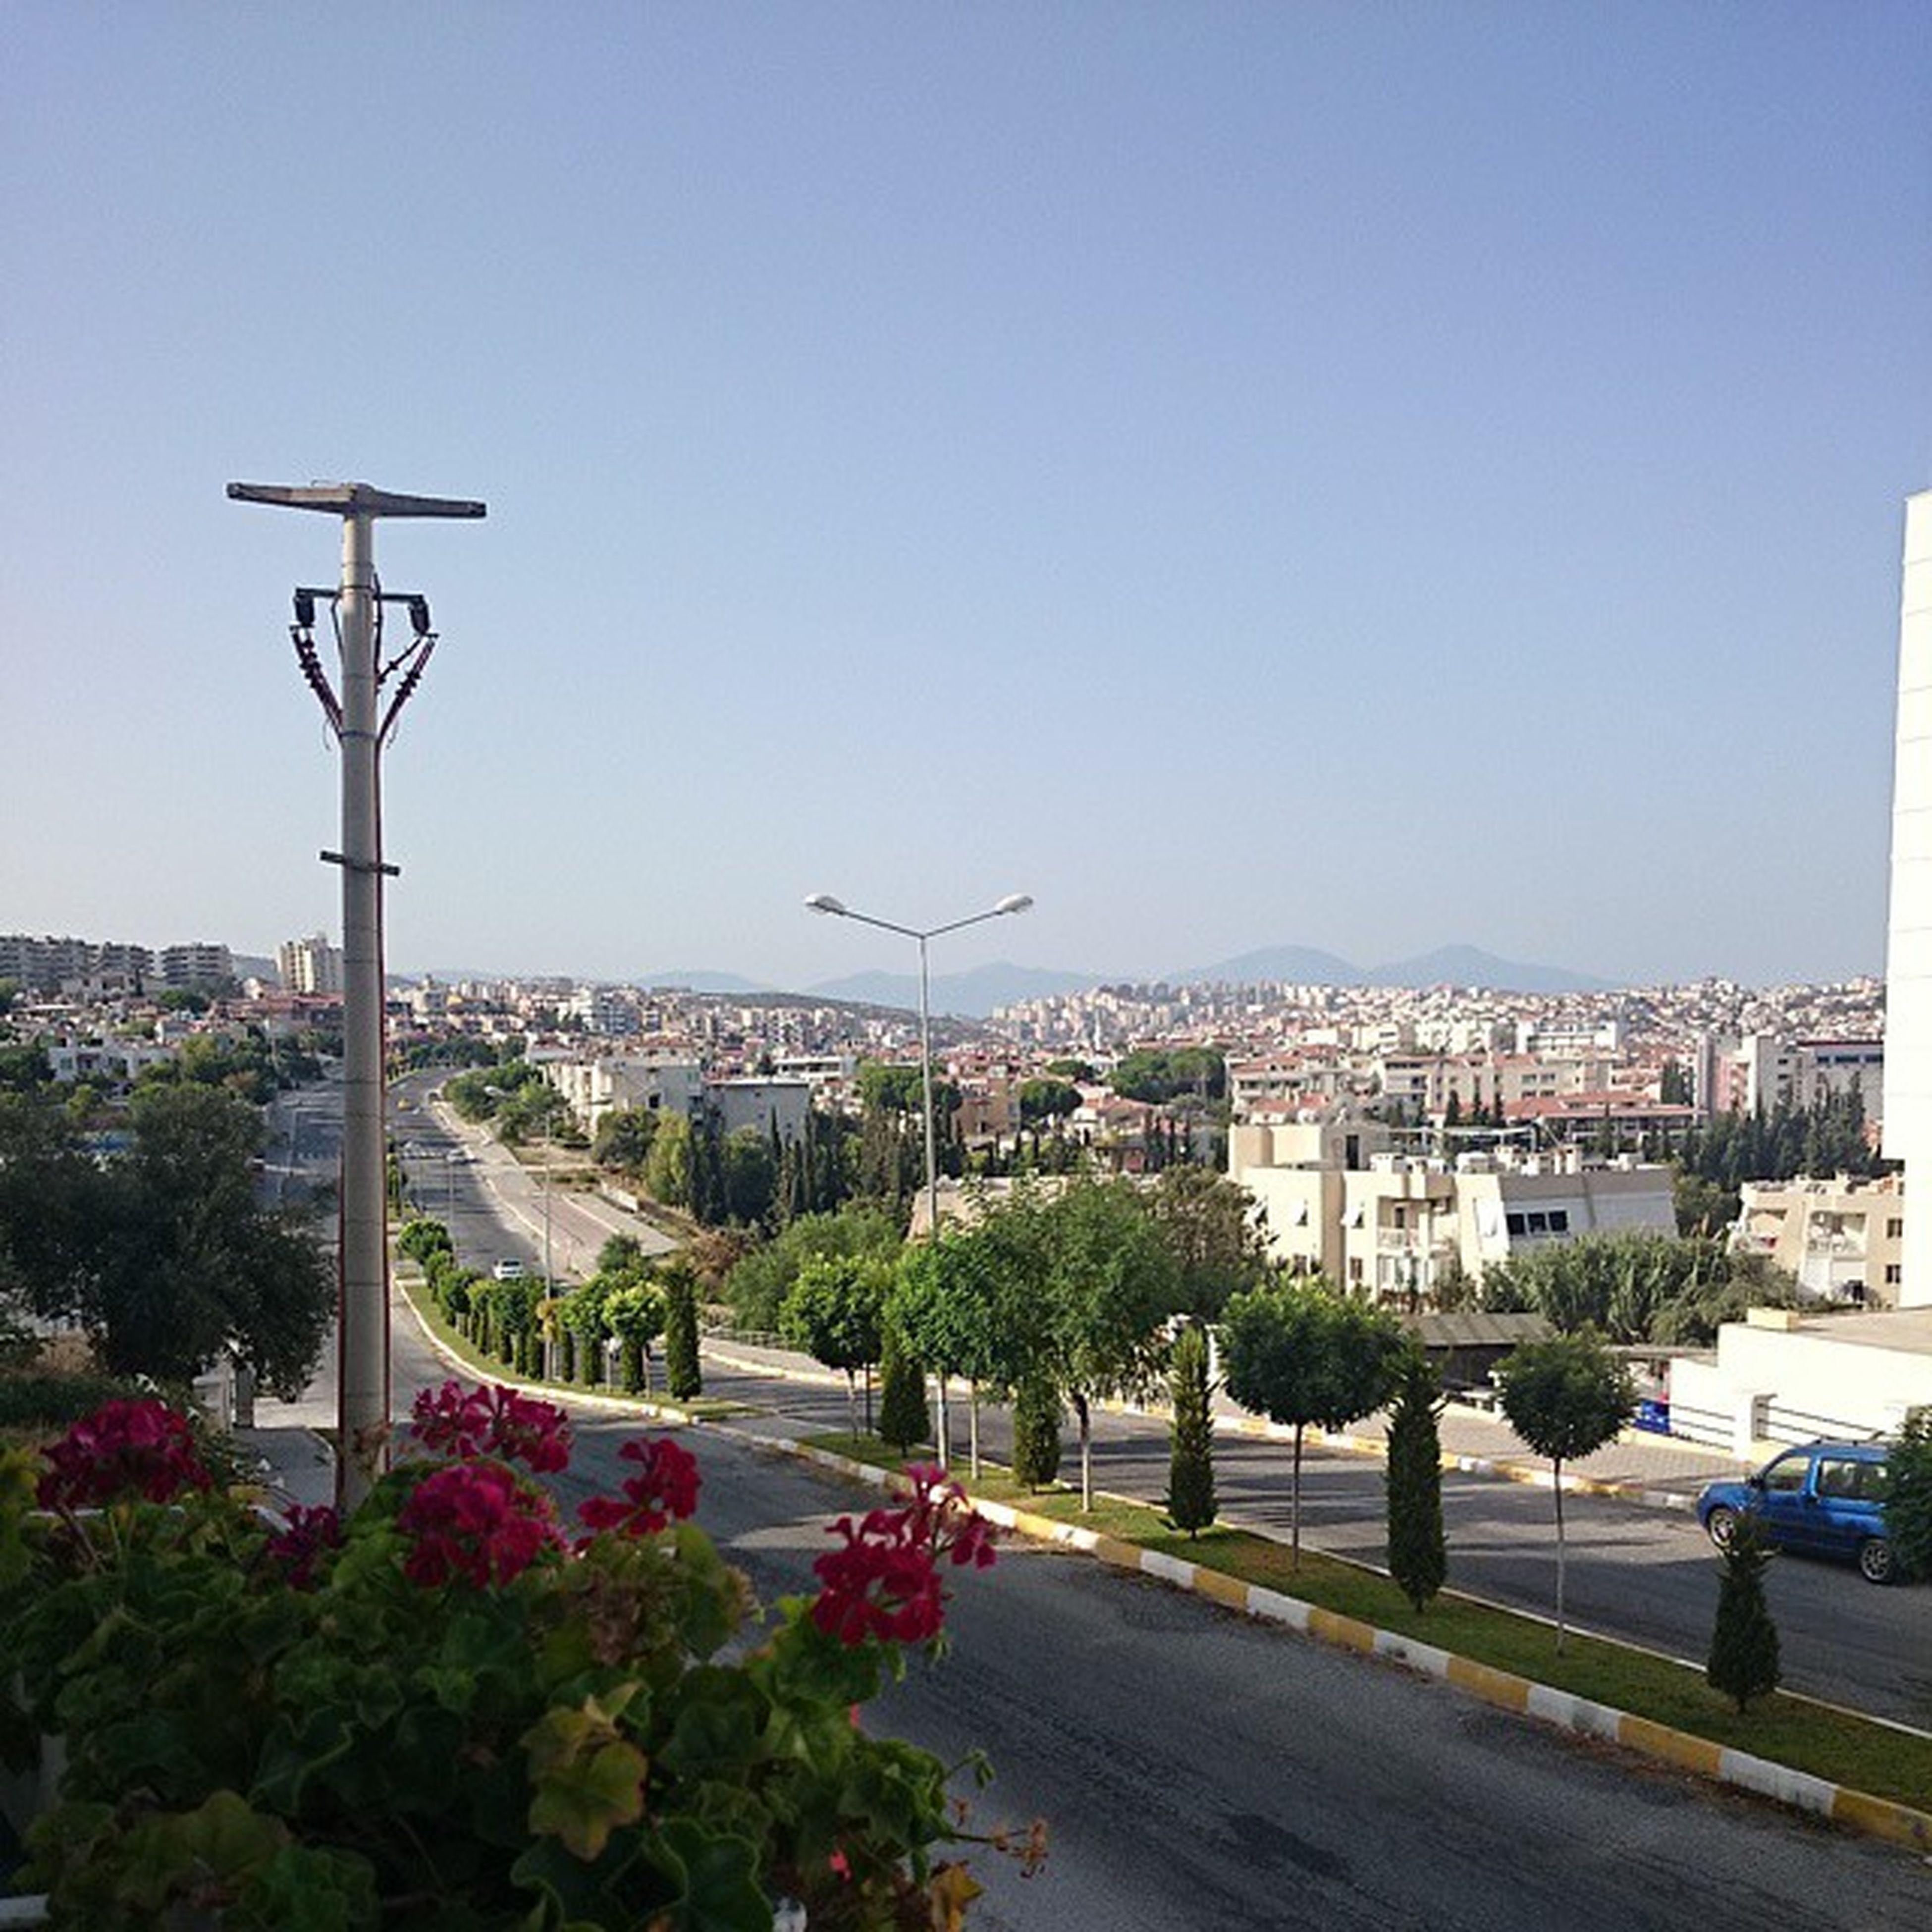 Виды на Кушадасы с балкона, где мы завтракаем.